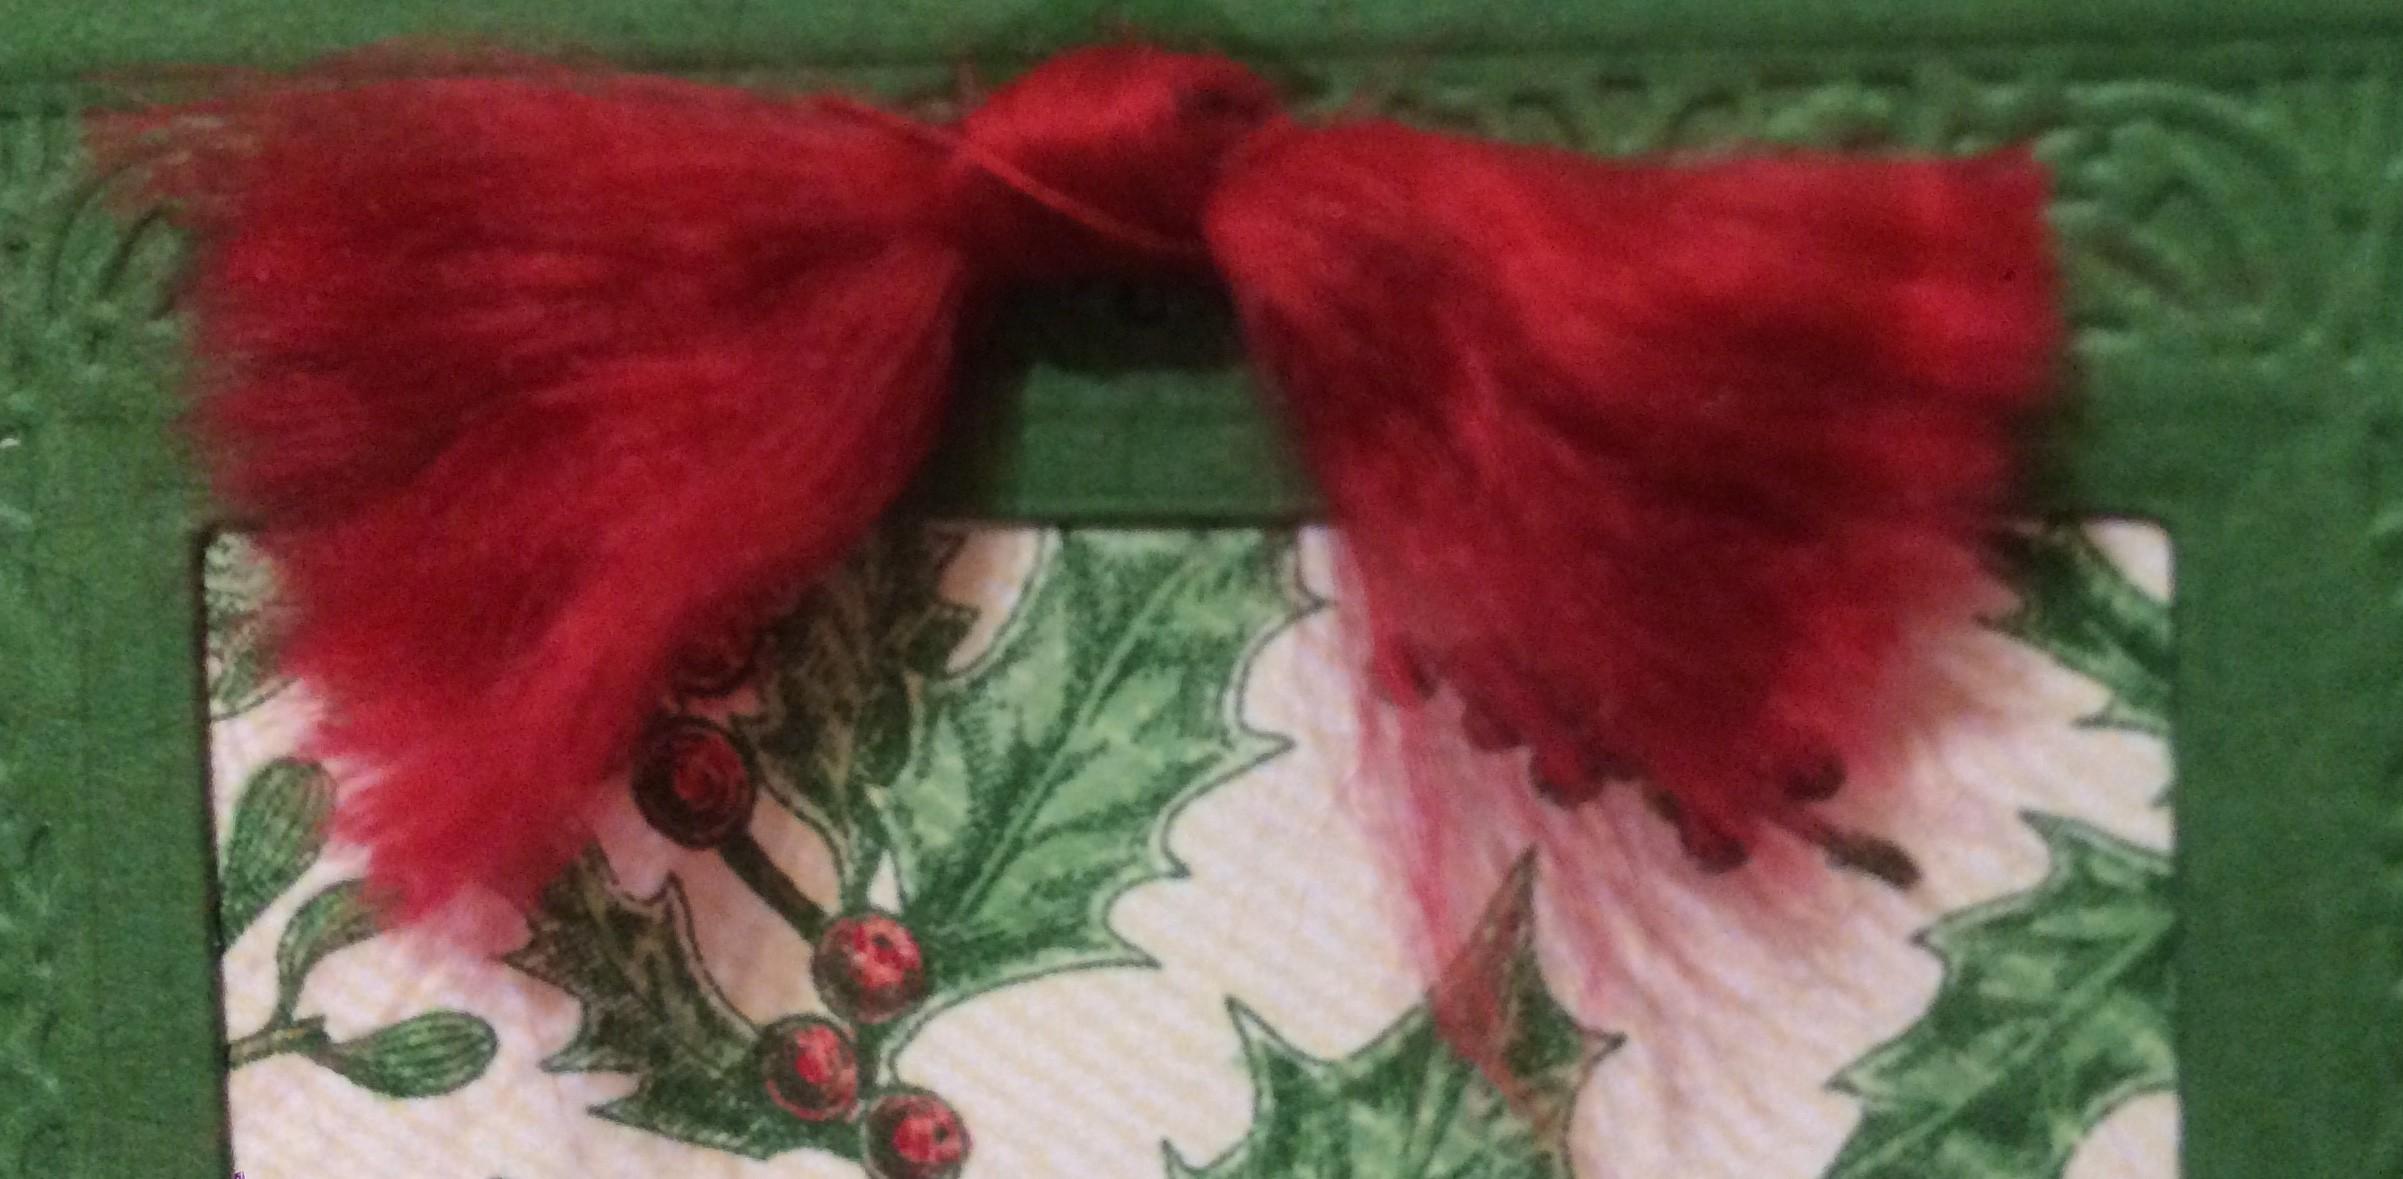 Real Red Curly Ribbon Christmas Card Stampin' Up! 2019 Holiday Catalogue Christina Barnes Dot Dot Stamping